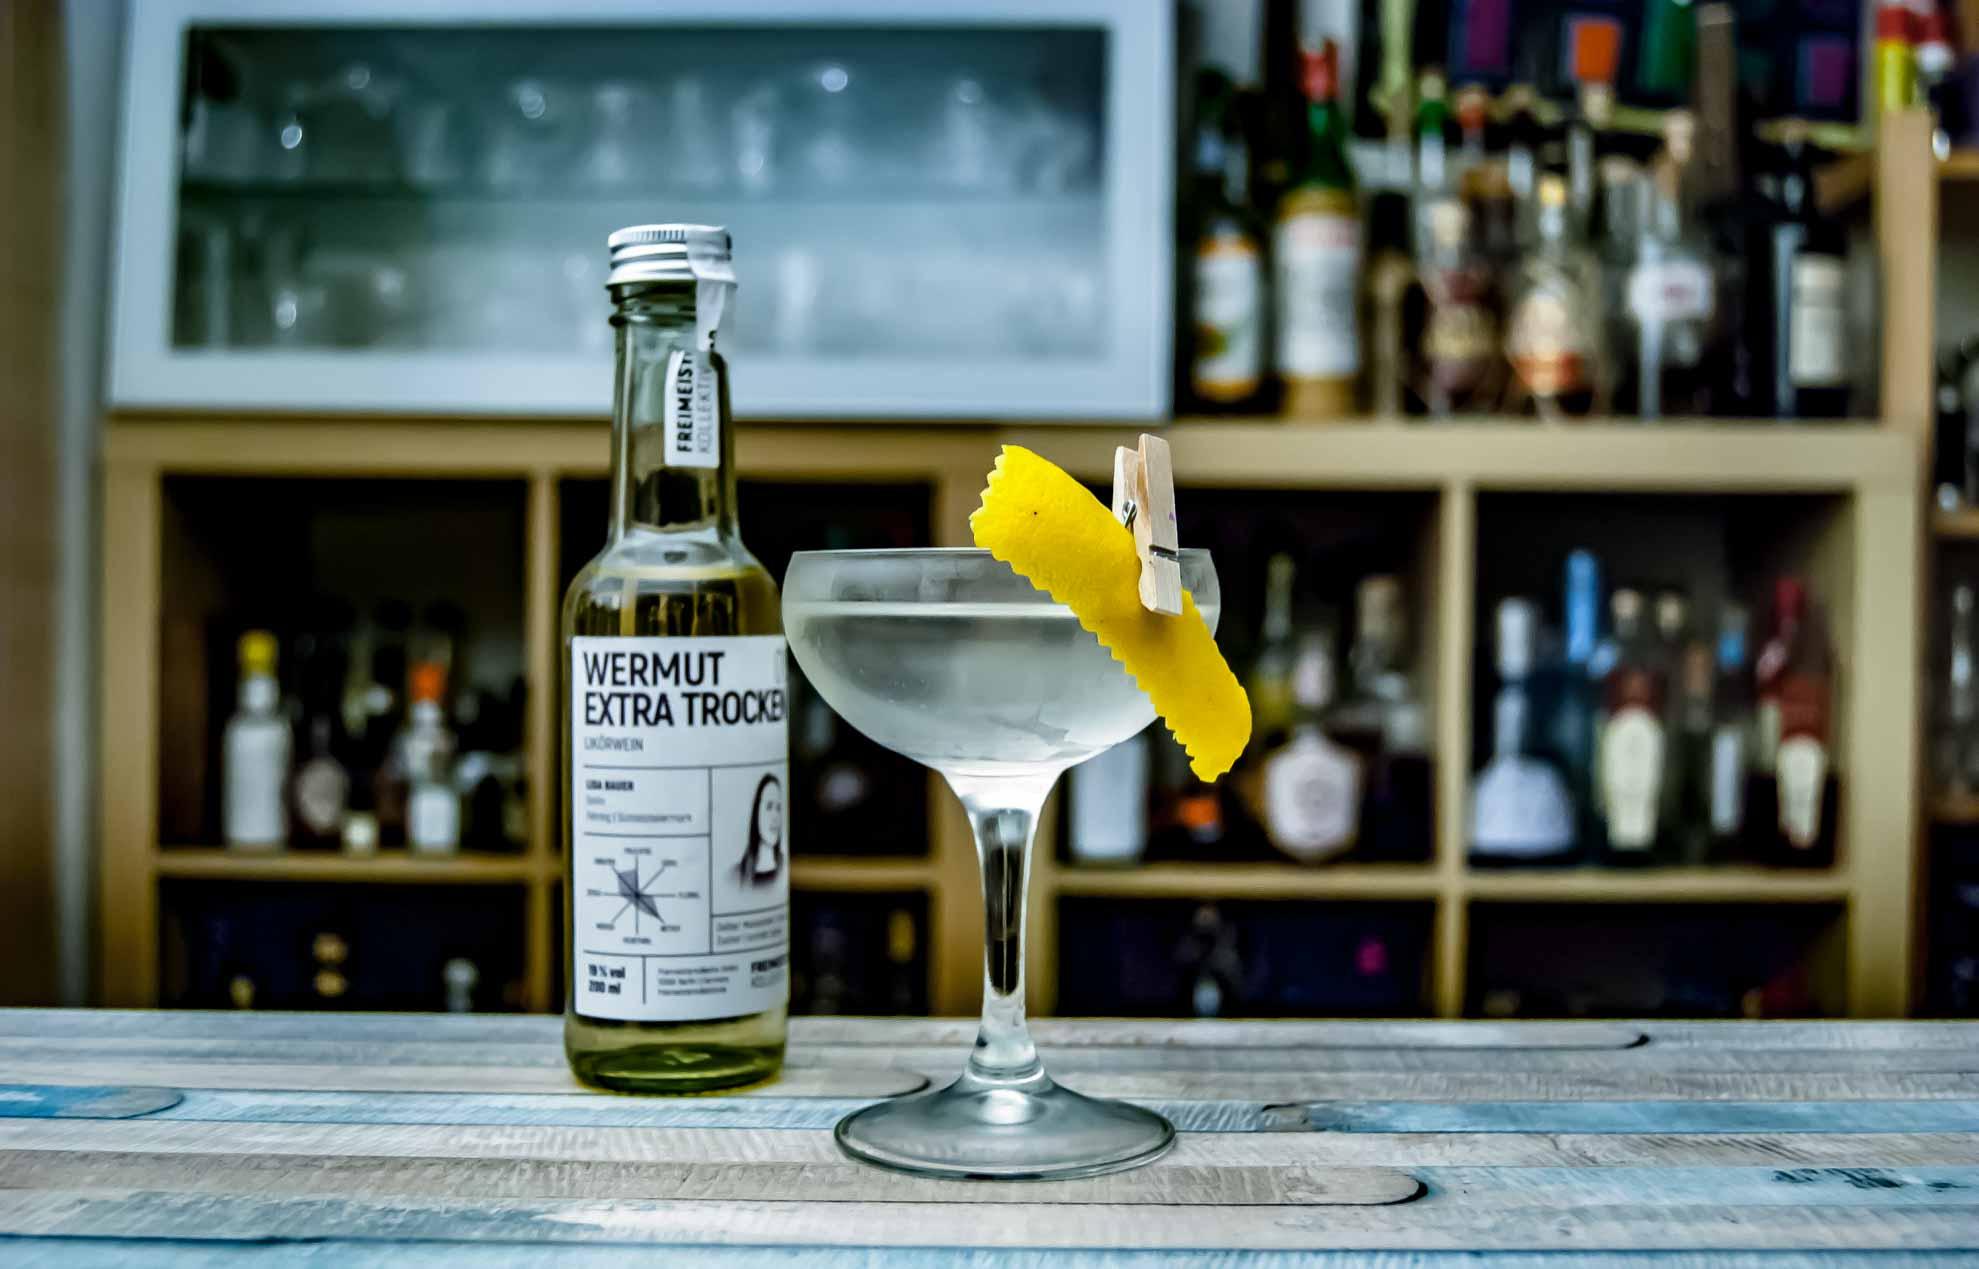 Ein Martini mit Freimeisterkollektiv Wermut Extra Trocken by Lisa Bauer - wie dafür gemacht. Wermut Extra Trocken by Lisa Bauer - vielleicht einer der spannendsten Gibsons, die wir je hatten.